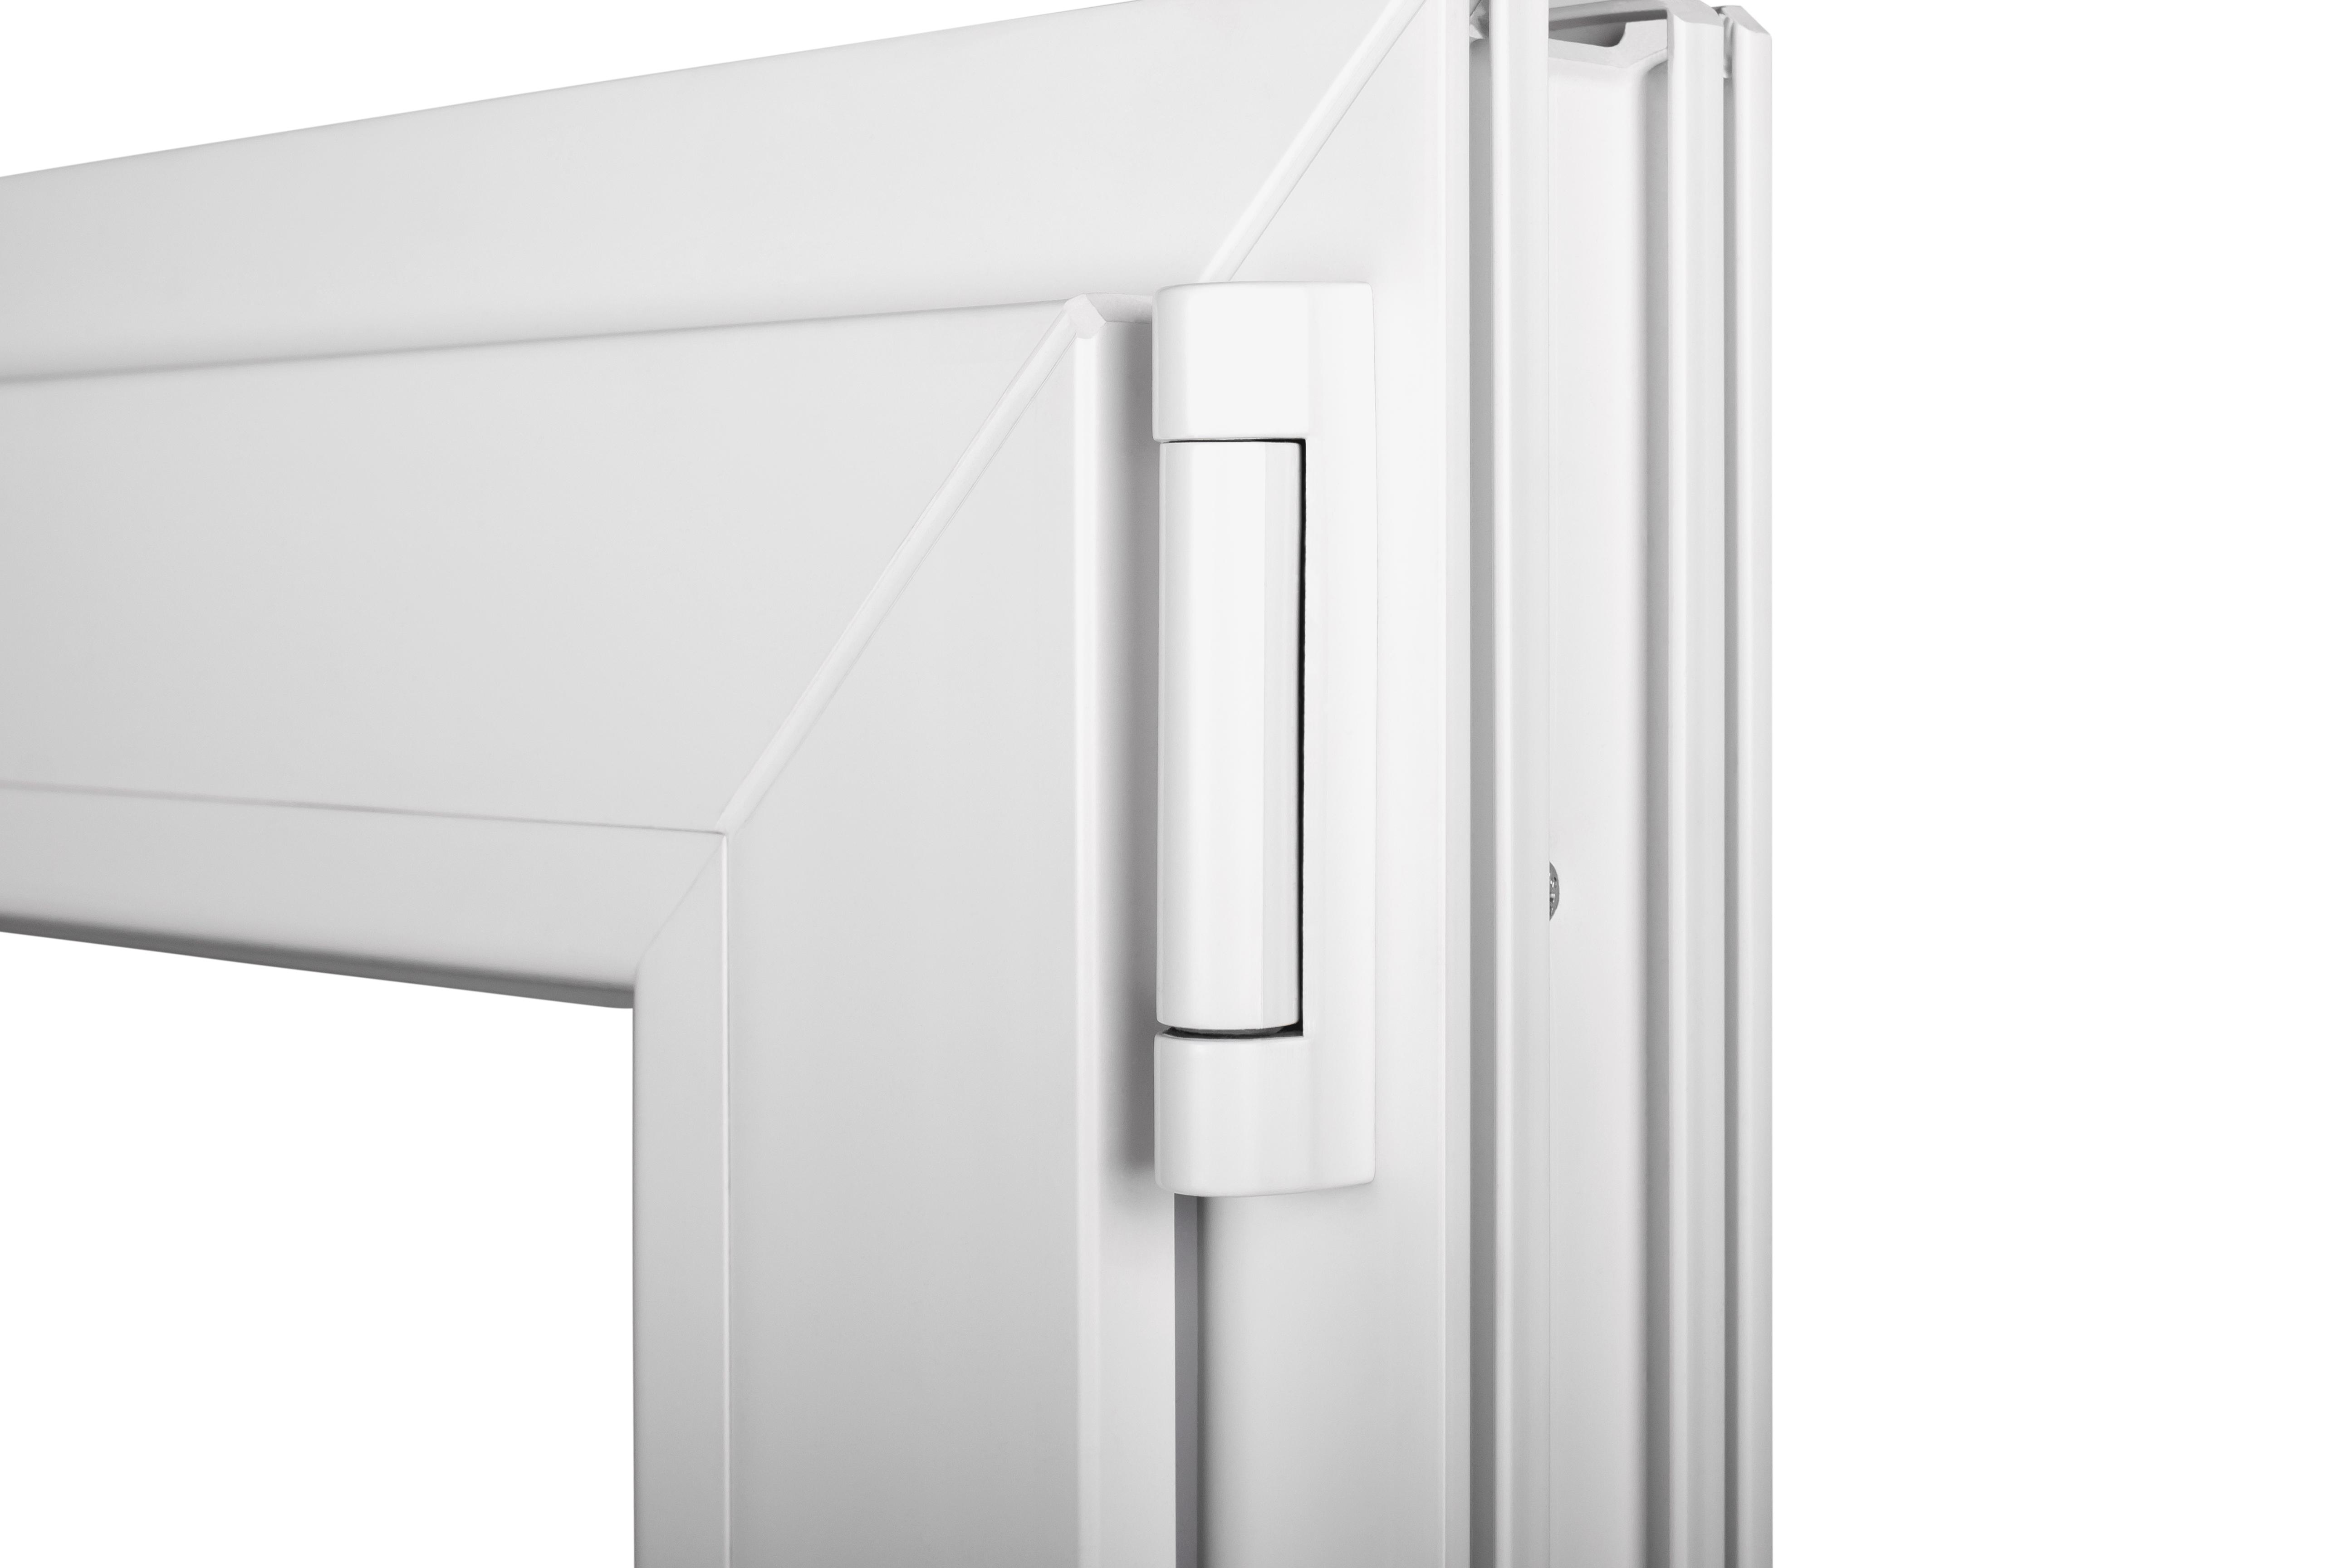 Kellerfenster Fenster Kunststoff 2-fach Verglasung ISOGLAS weiß Premium